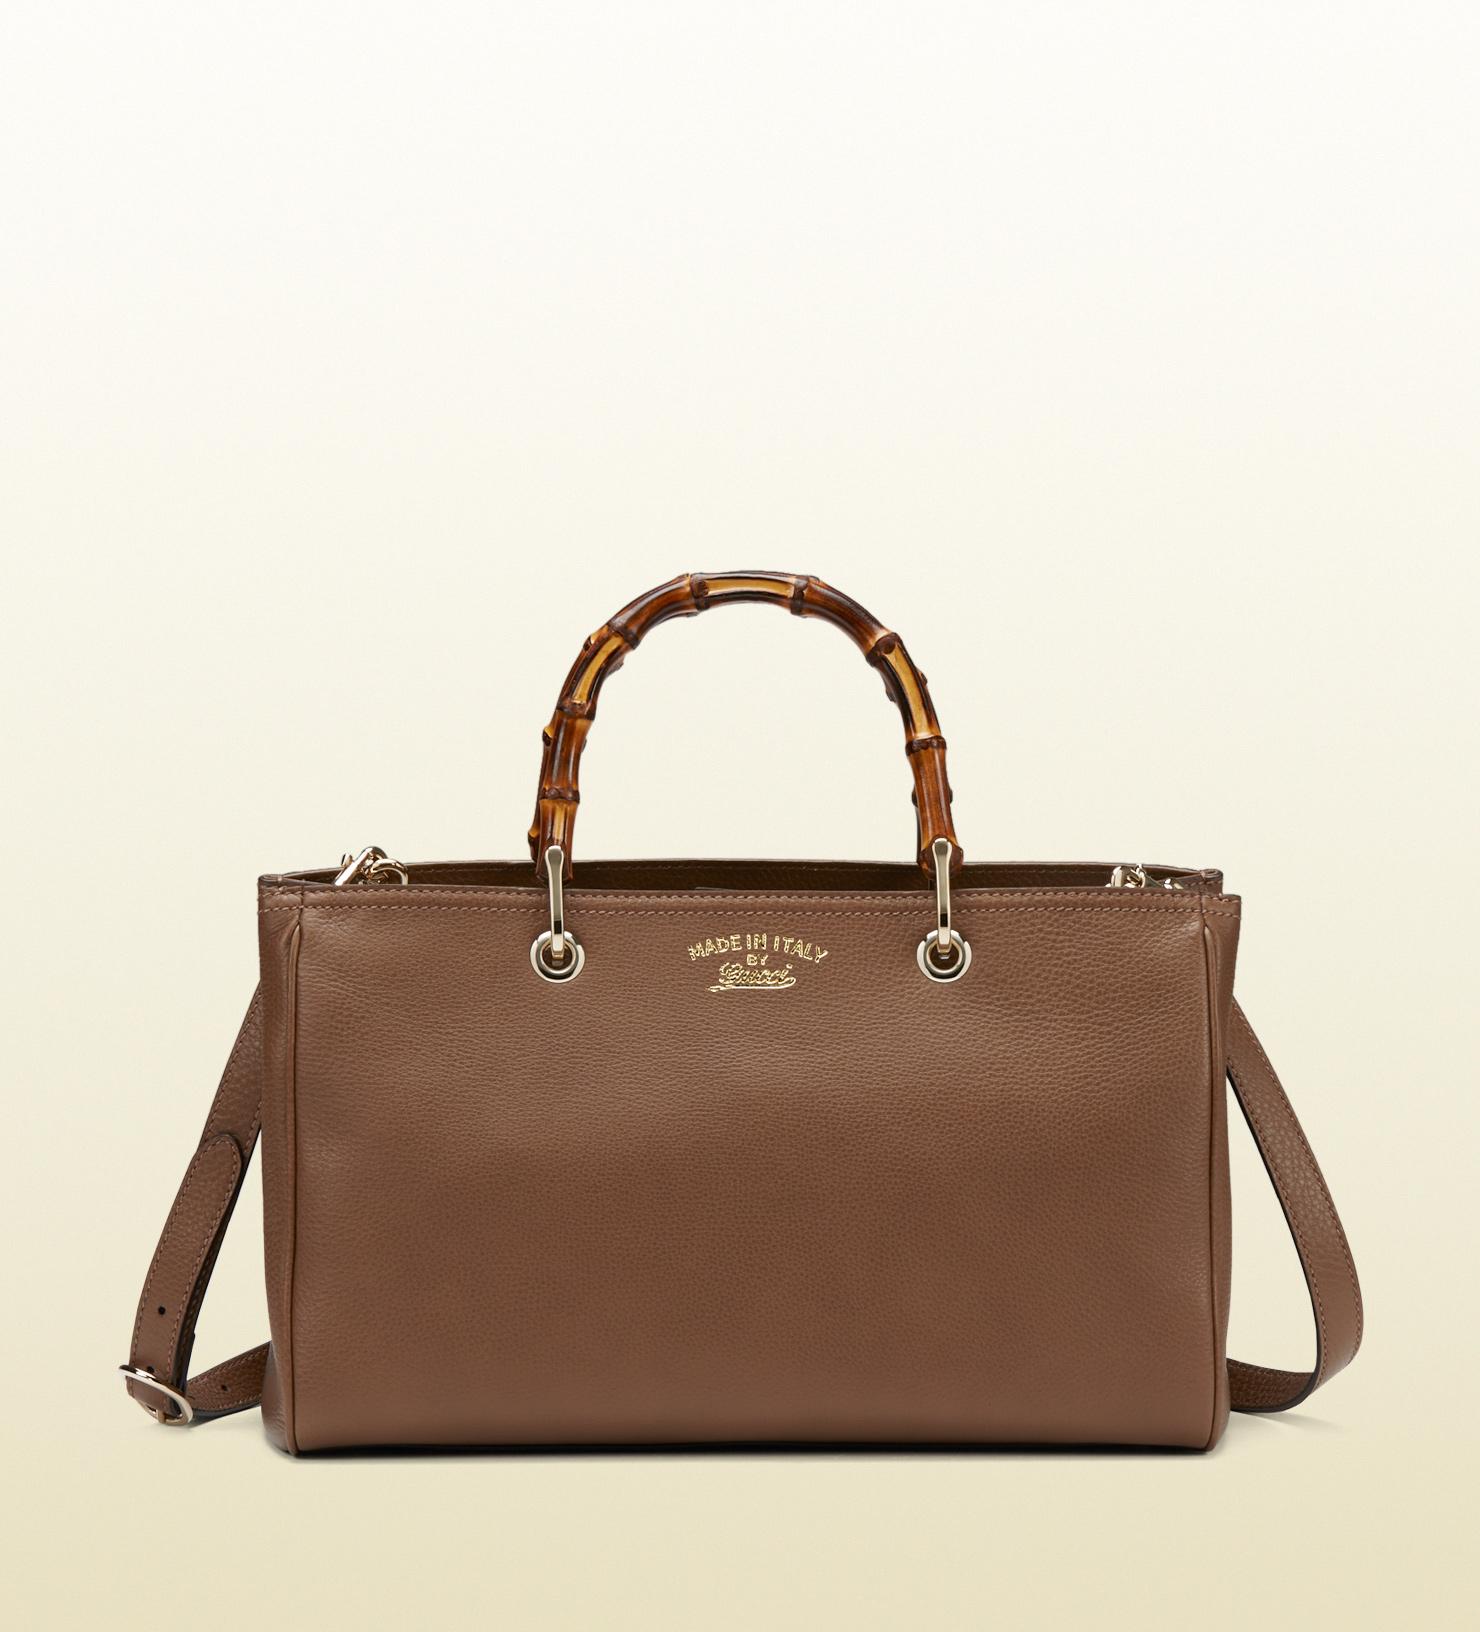 da1616c54421 Lyst gucci bamboo shopper leather tote in brown jpg 1480x1632 Aliexpress  gucci handbags